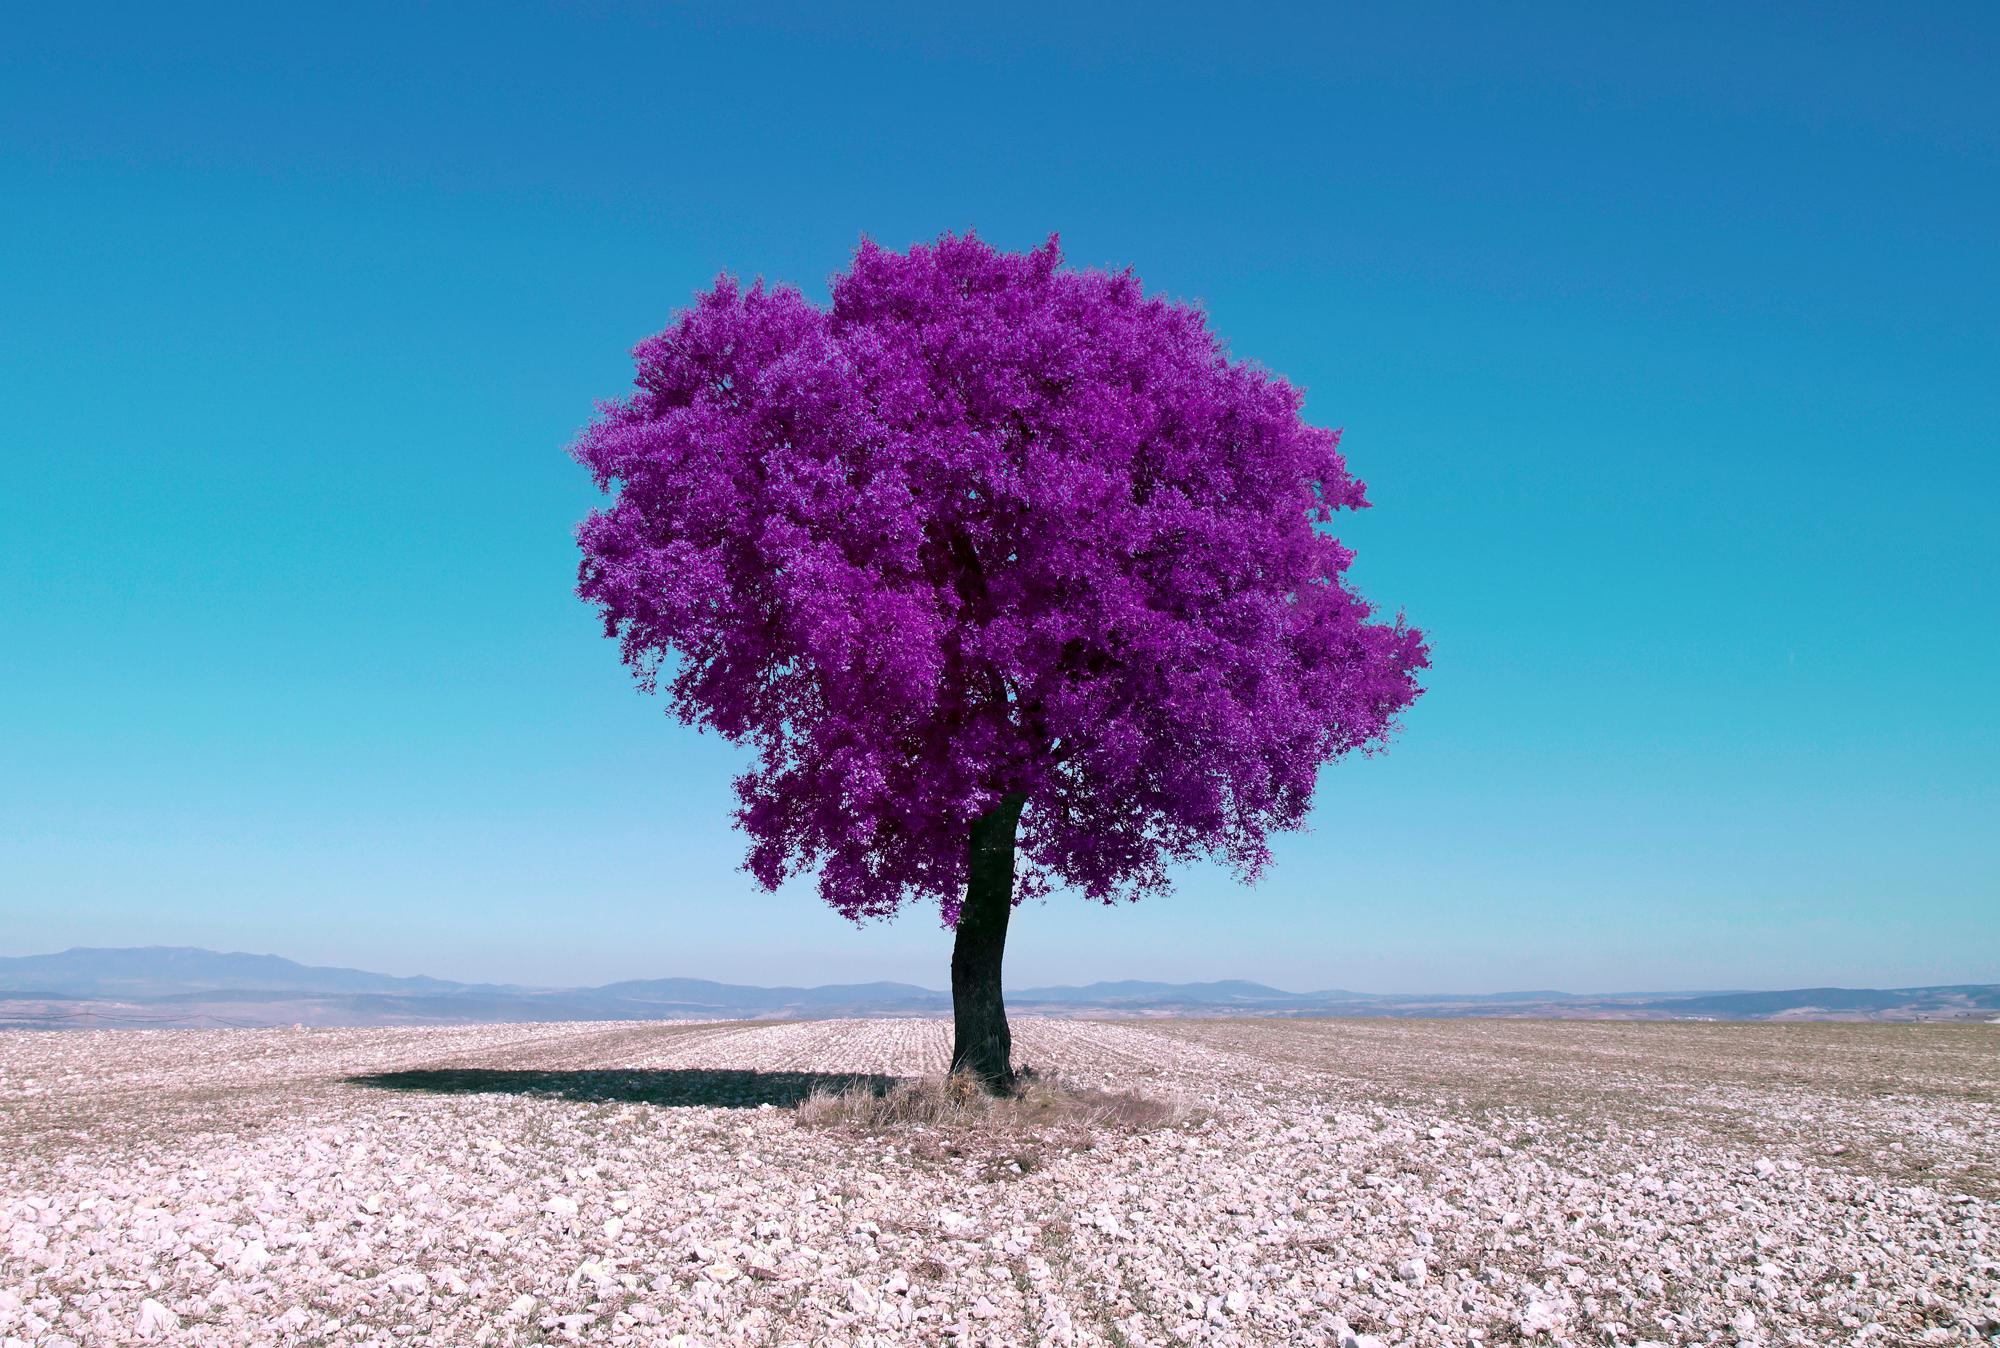 Как превратить пейзажное фото в сюрреалистическое инфракрасное изображение - 12